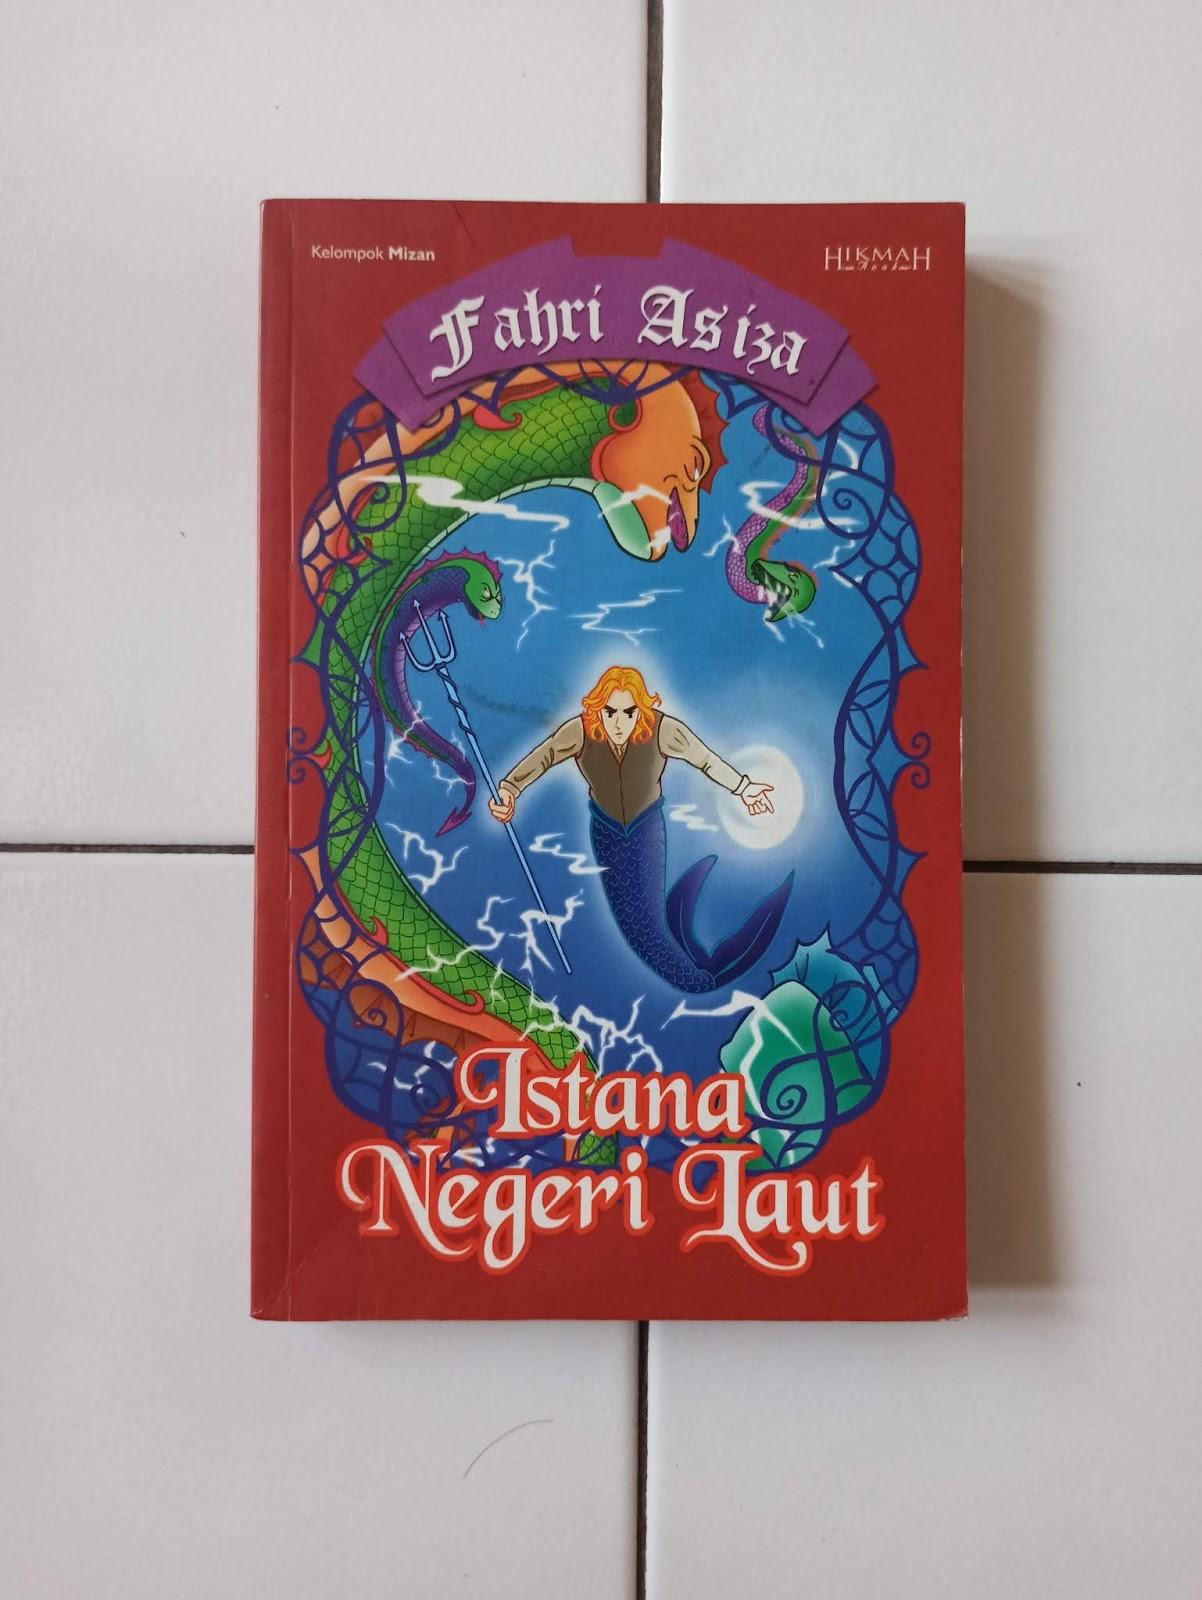 Cerita Anak Istana Negeri Laut